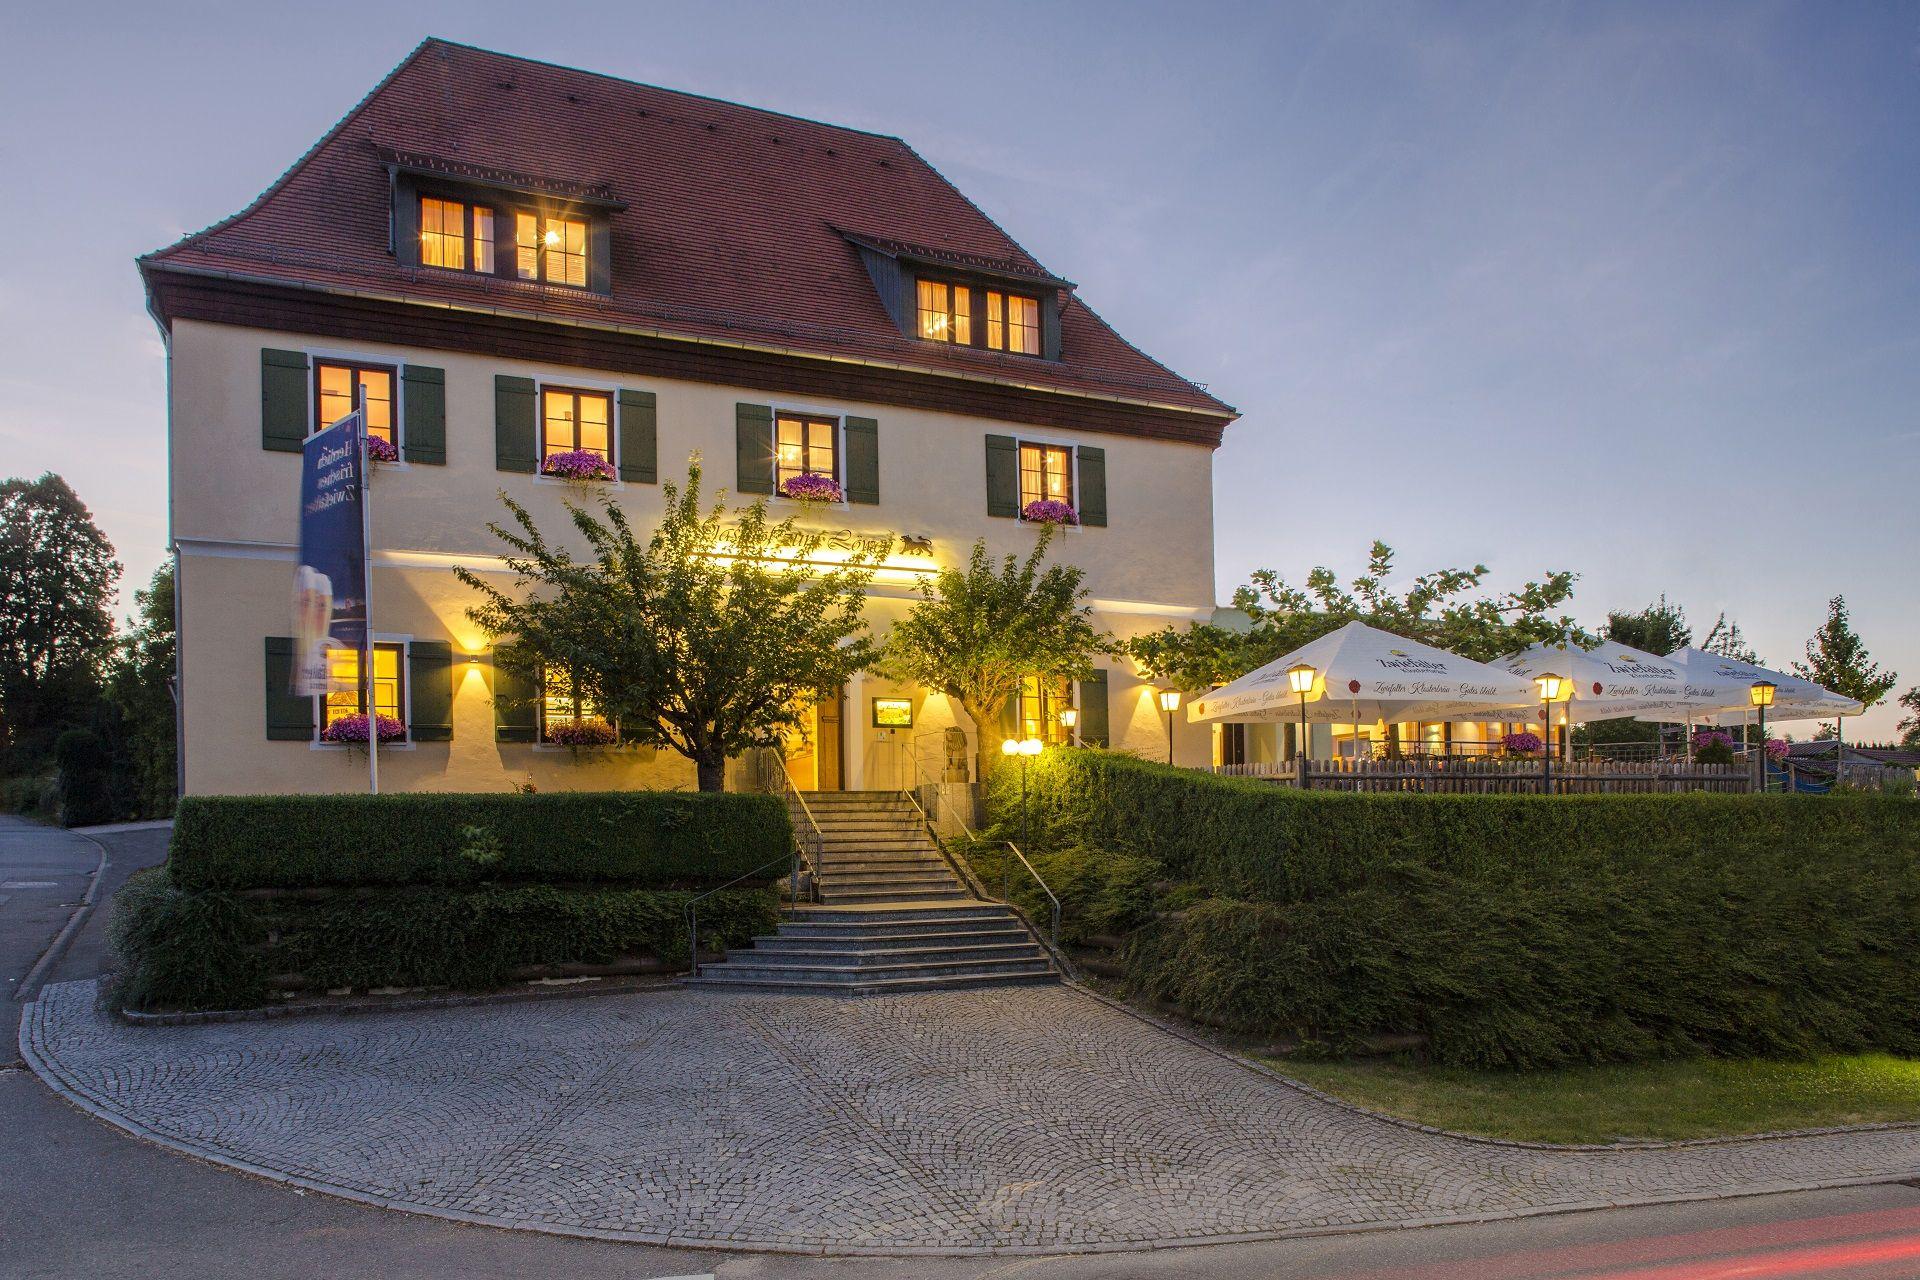 Gasthof zum Löwen am Abend, Foto: Michael Bleeser